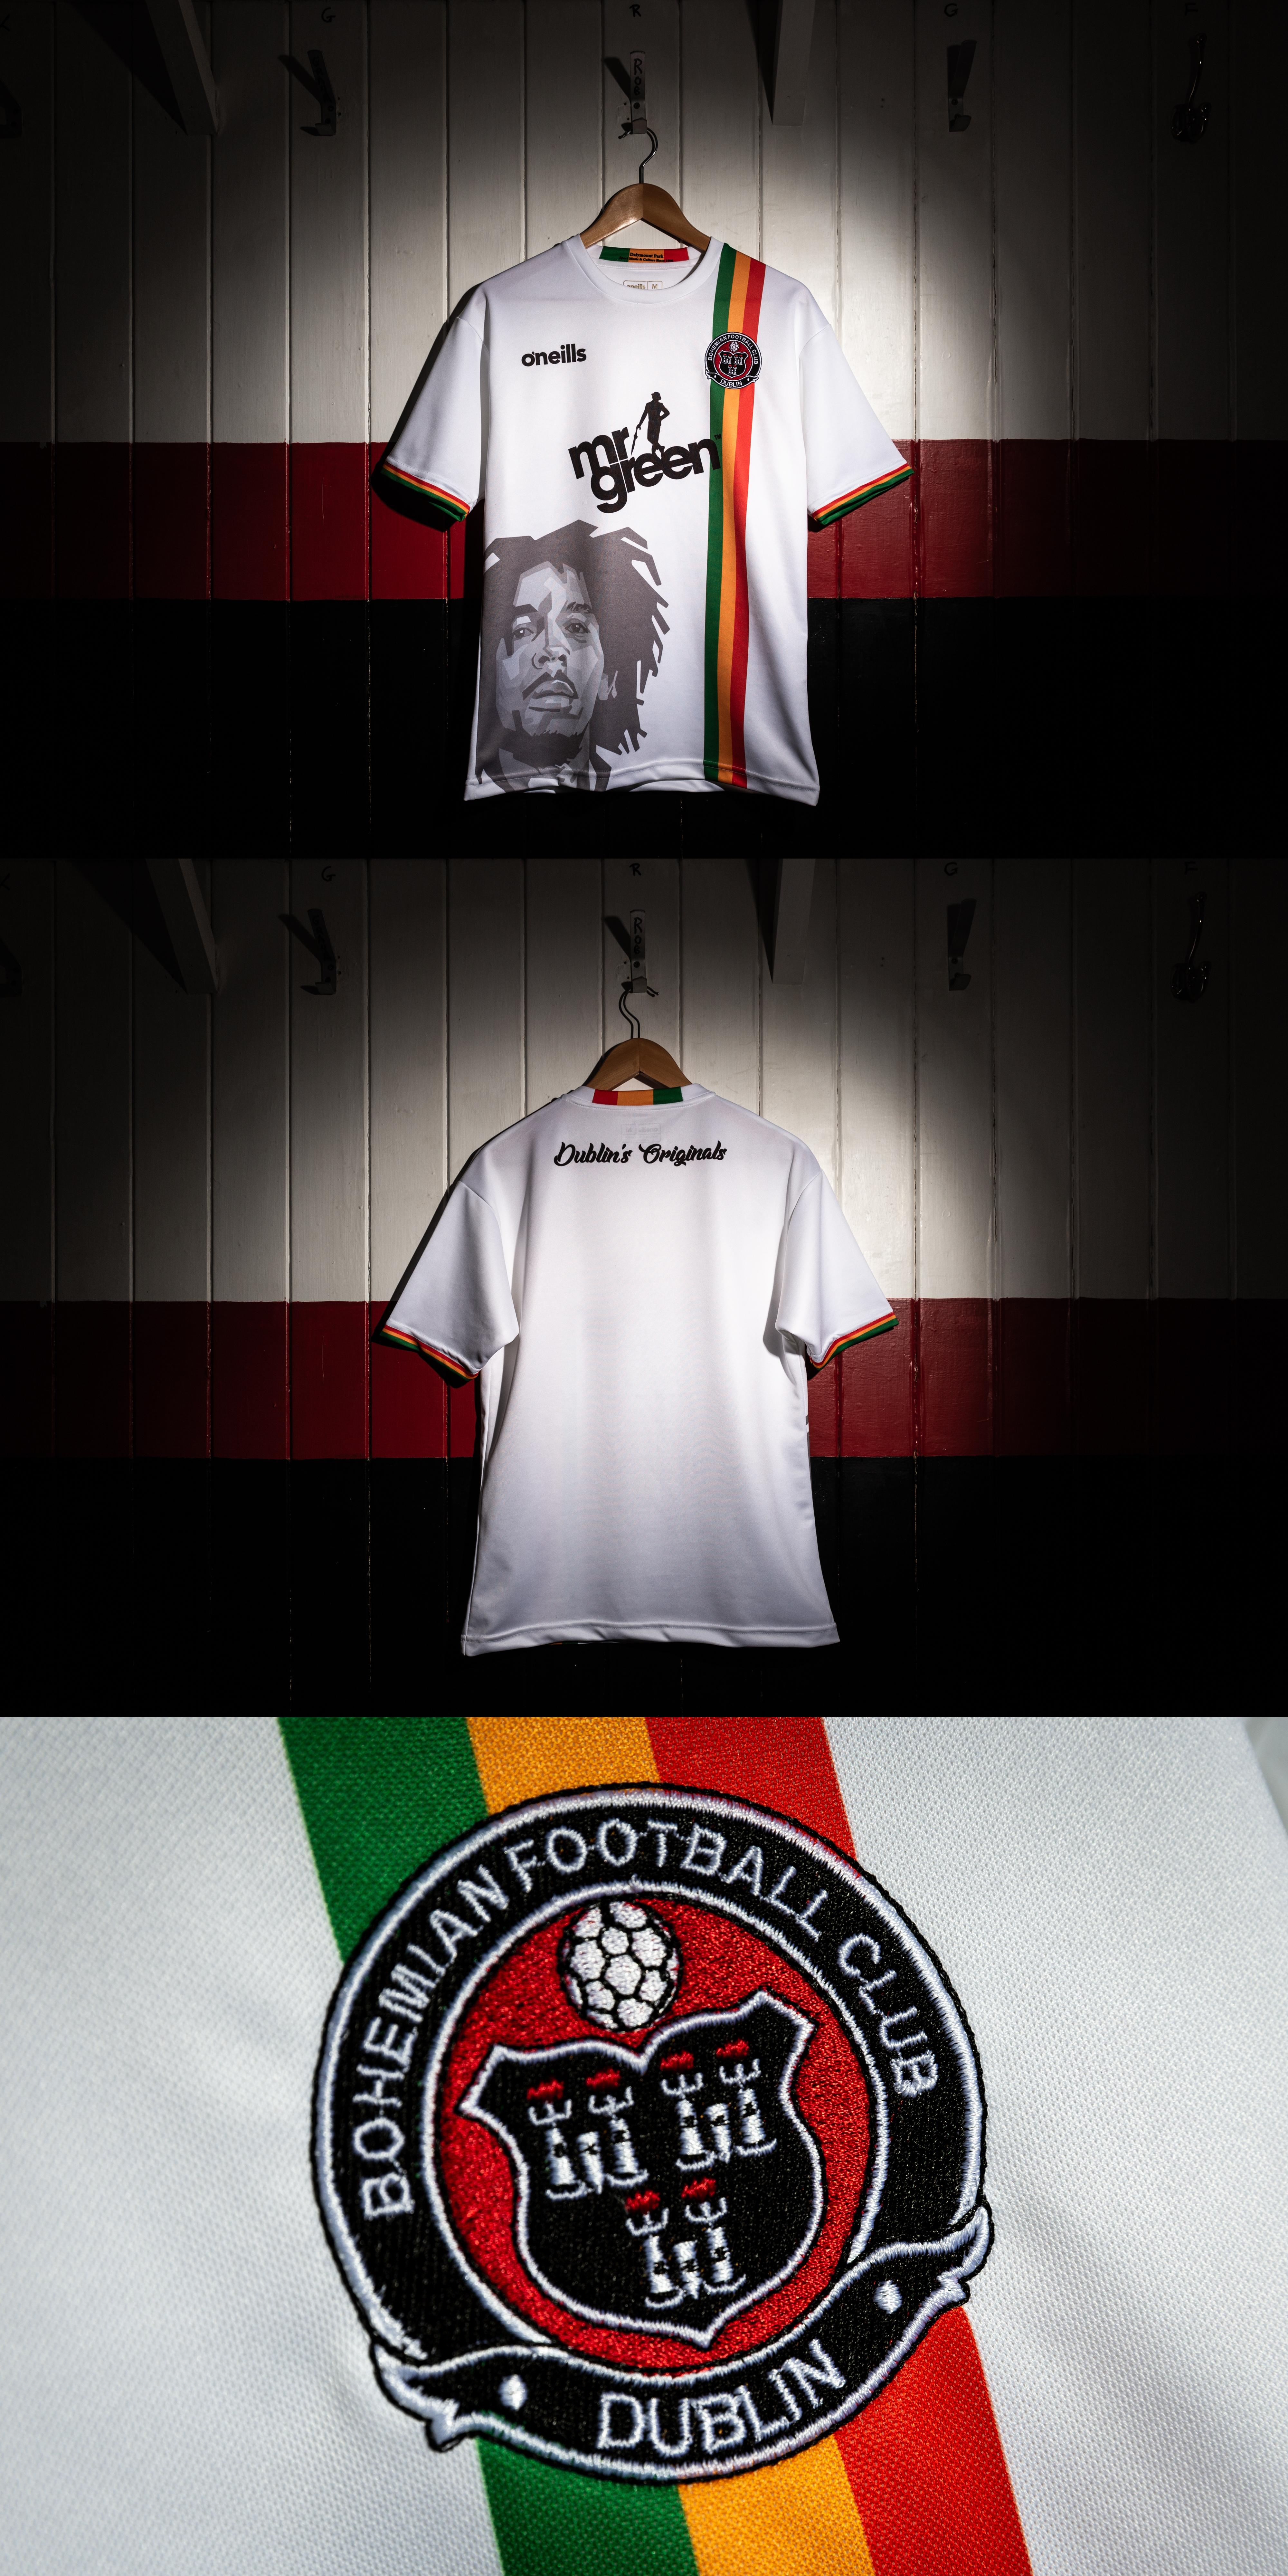 e5808ec9674 Bohemians launch class new away jersey made by O Neills